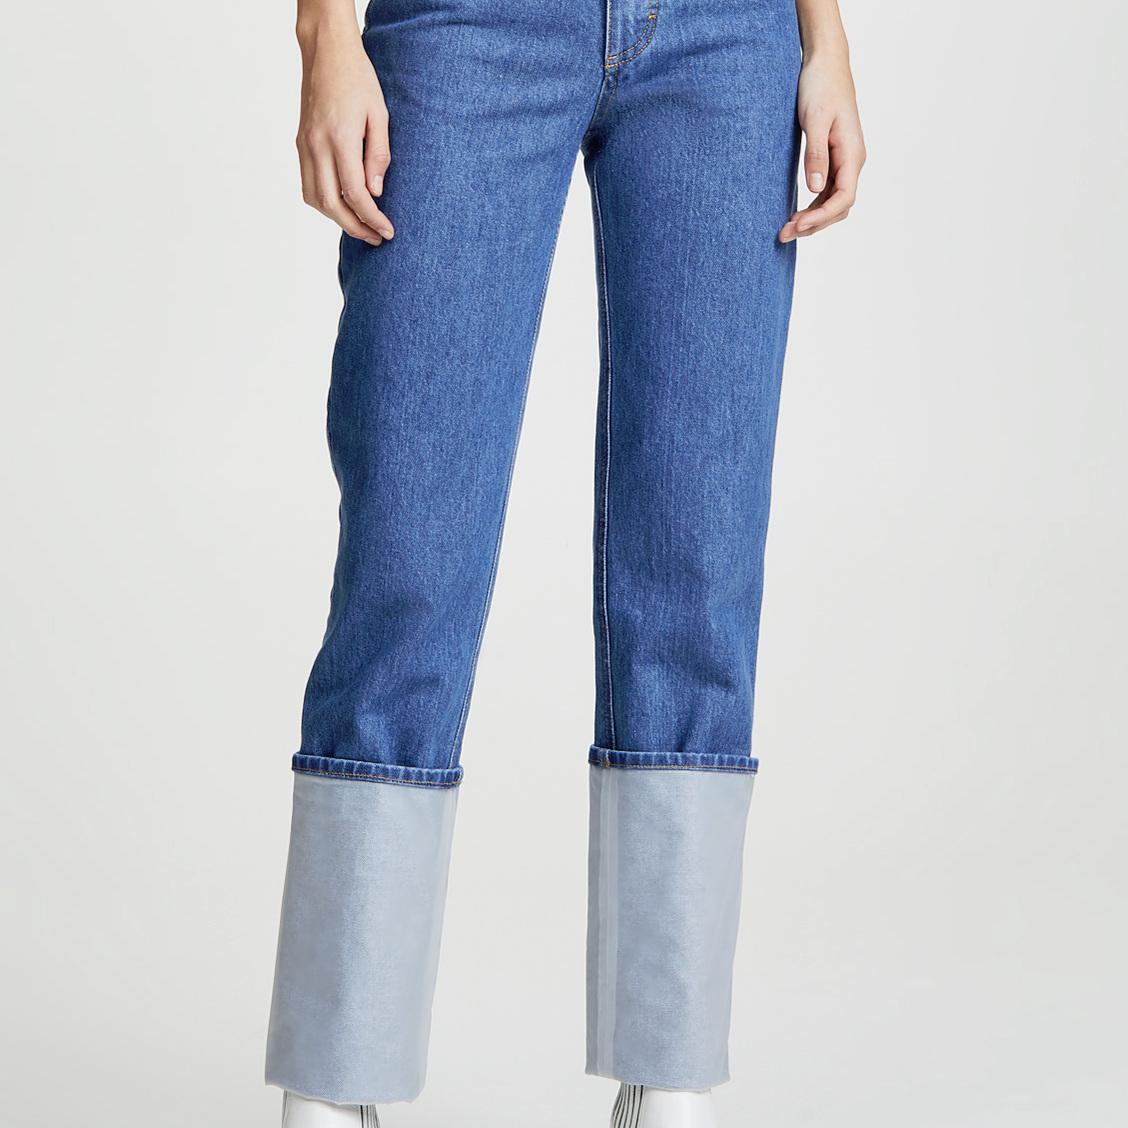 ksenia-schnaider-jeans-christie-ferrari